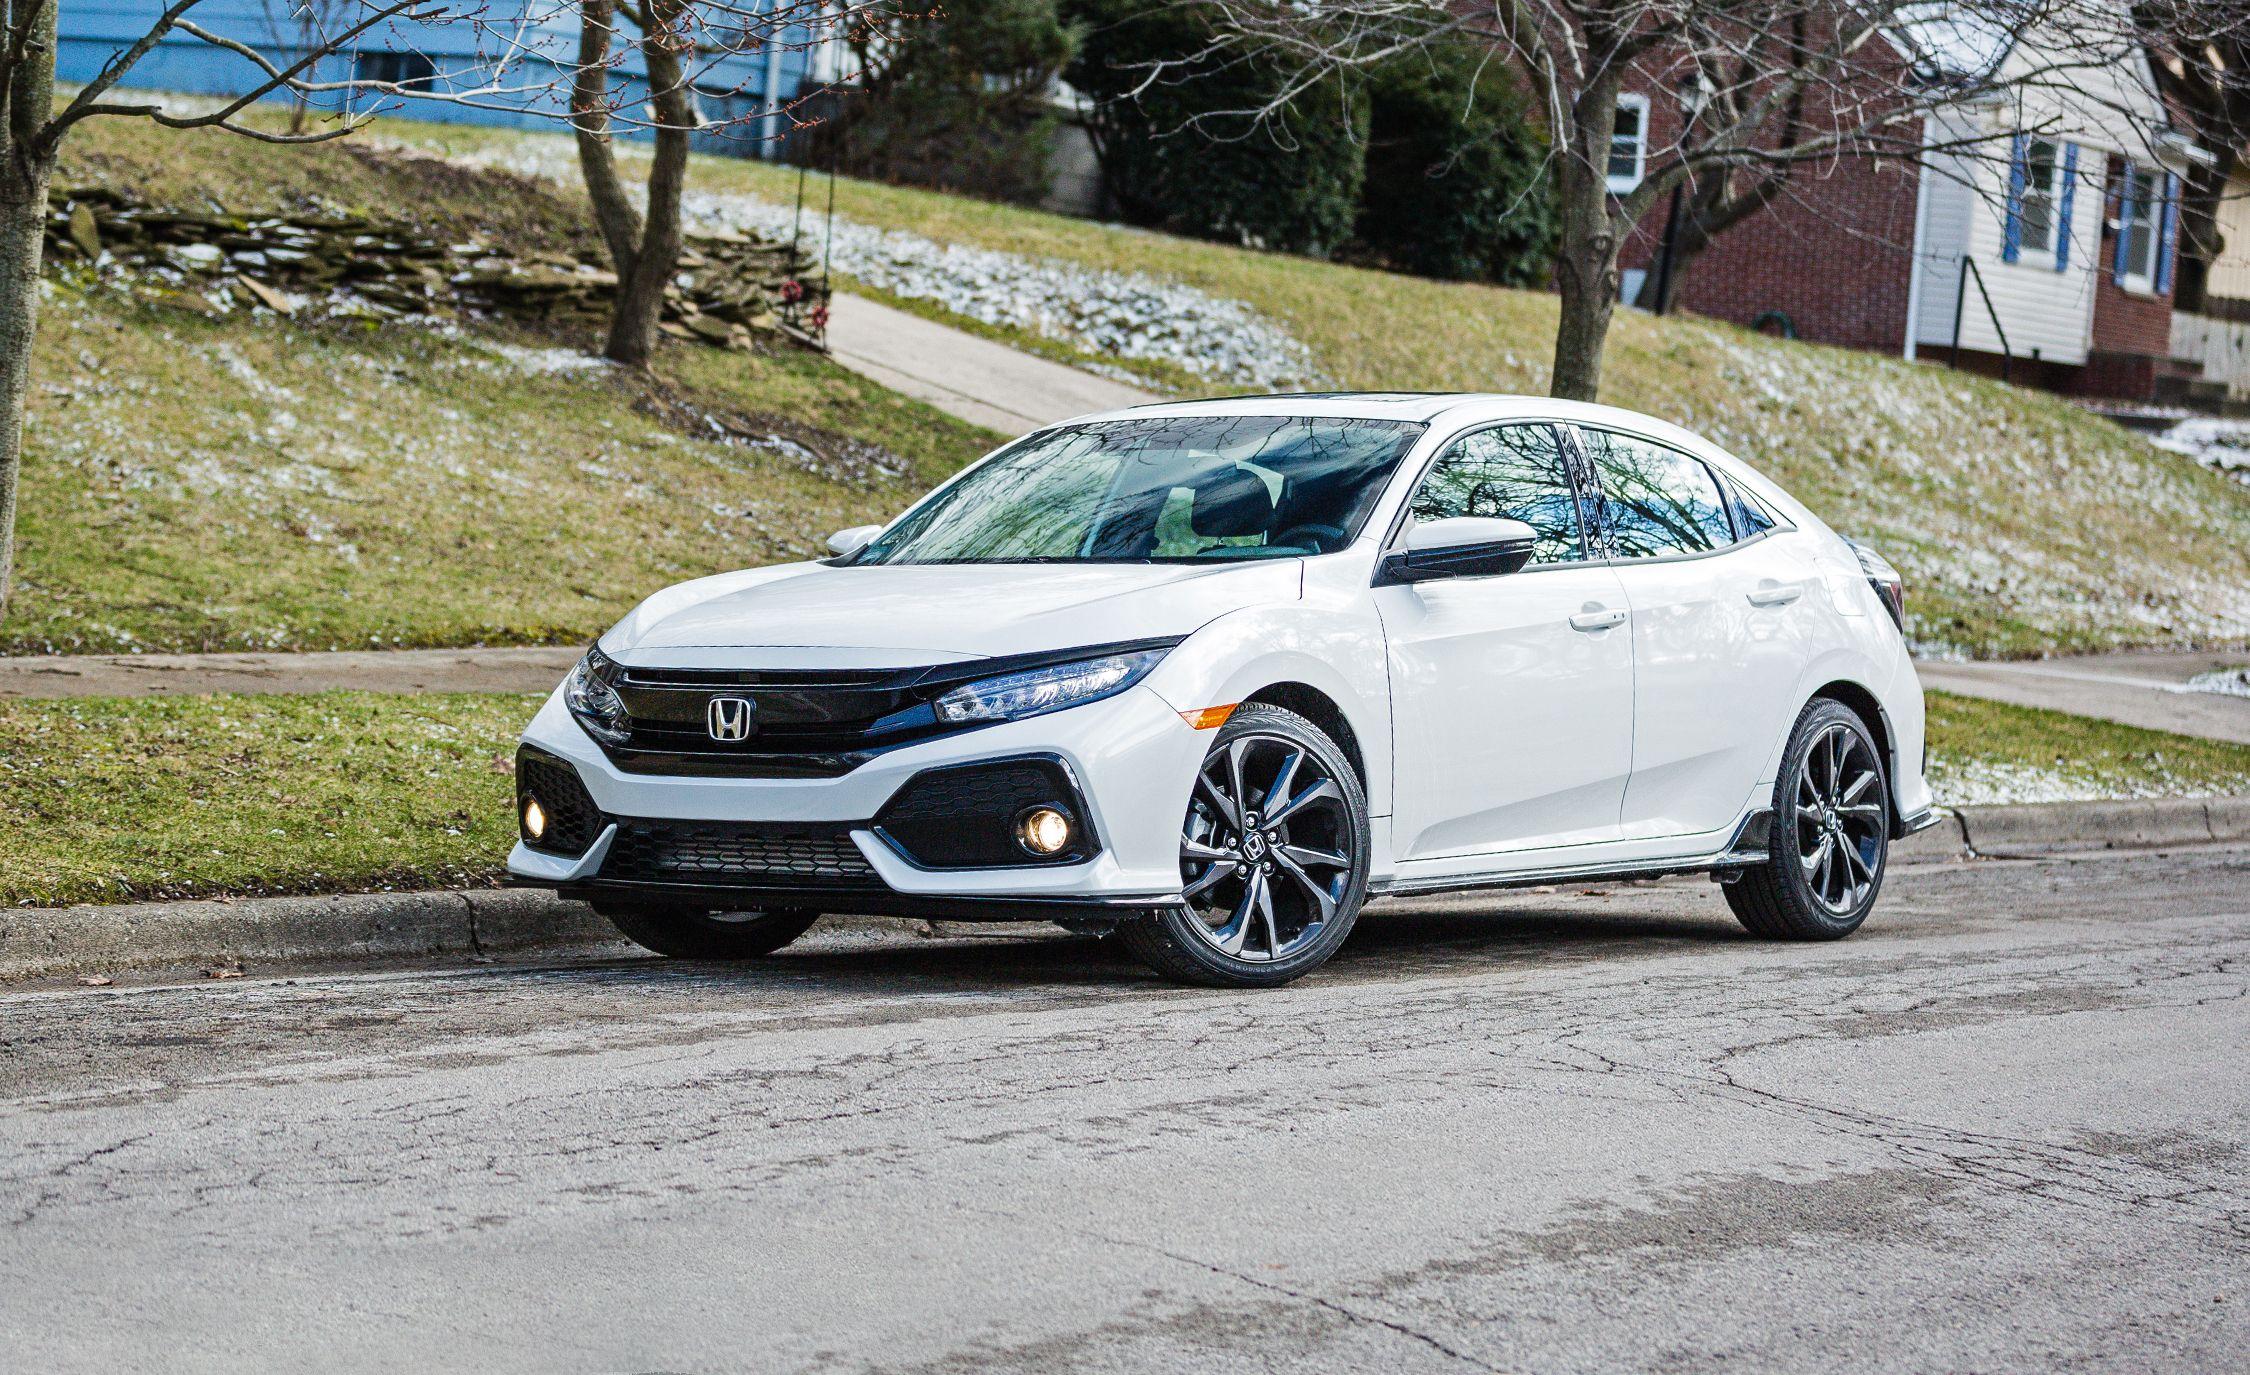 Honda 2018 Model >> 2018 Honda Civic In Depth Model Review Car And Driver